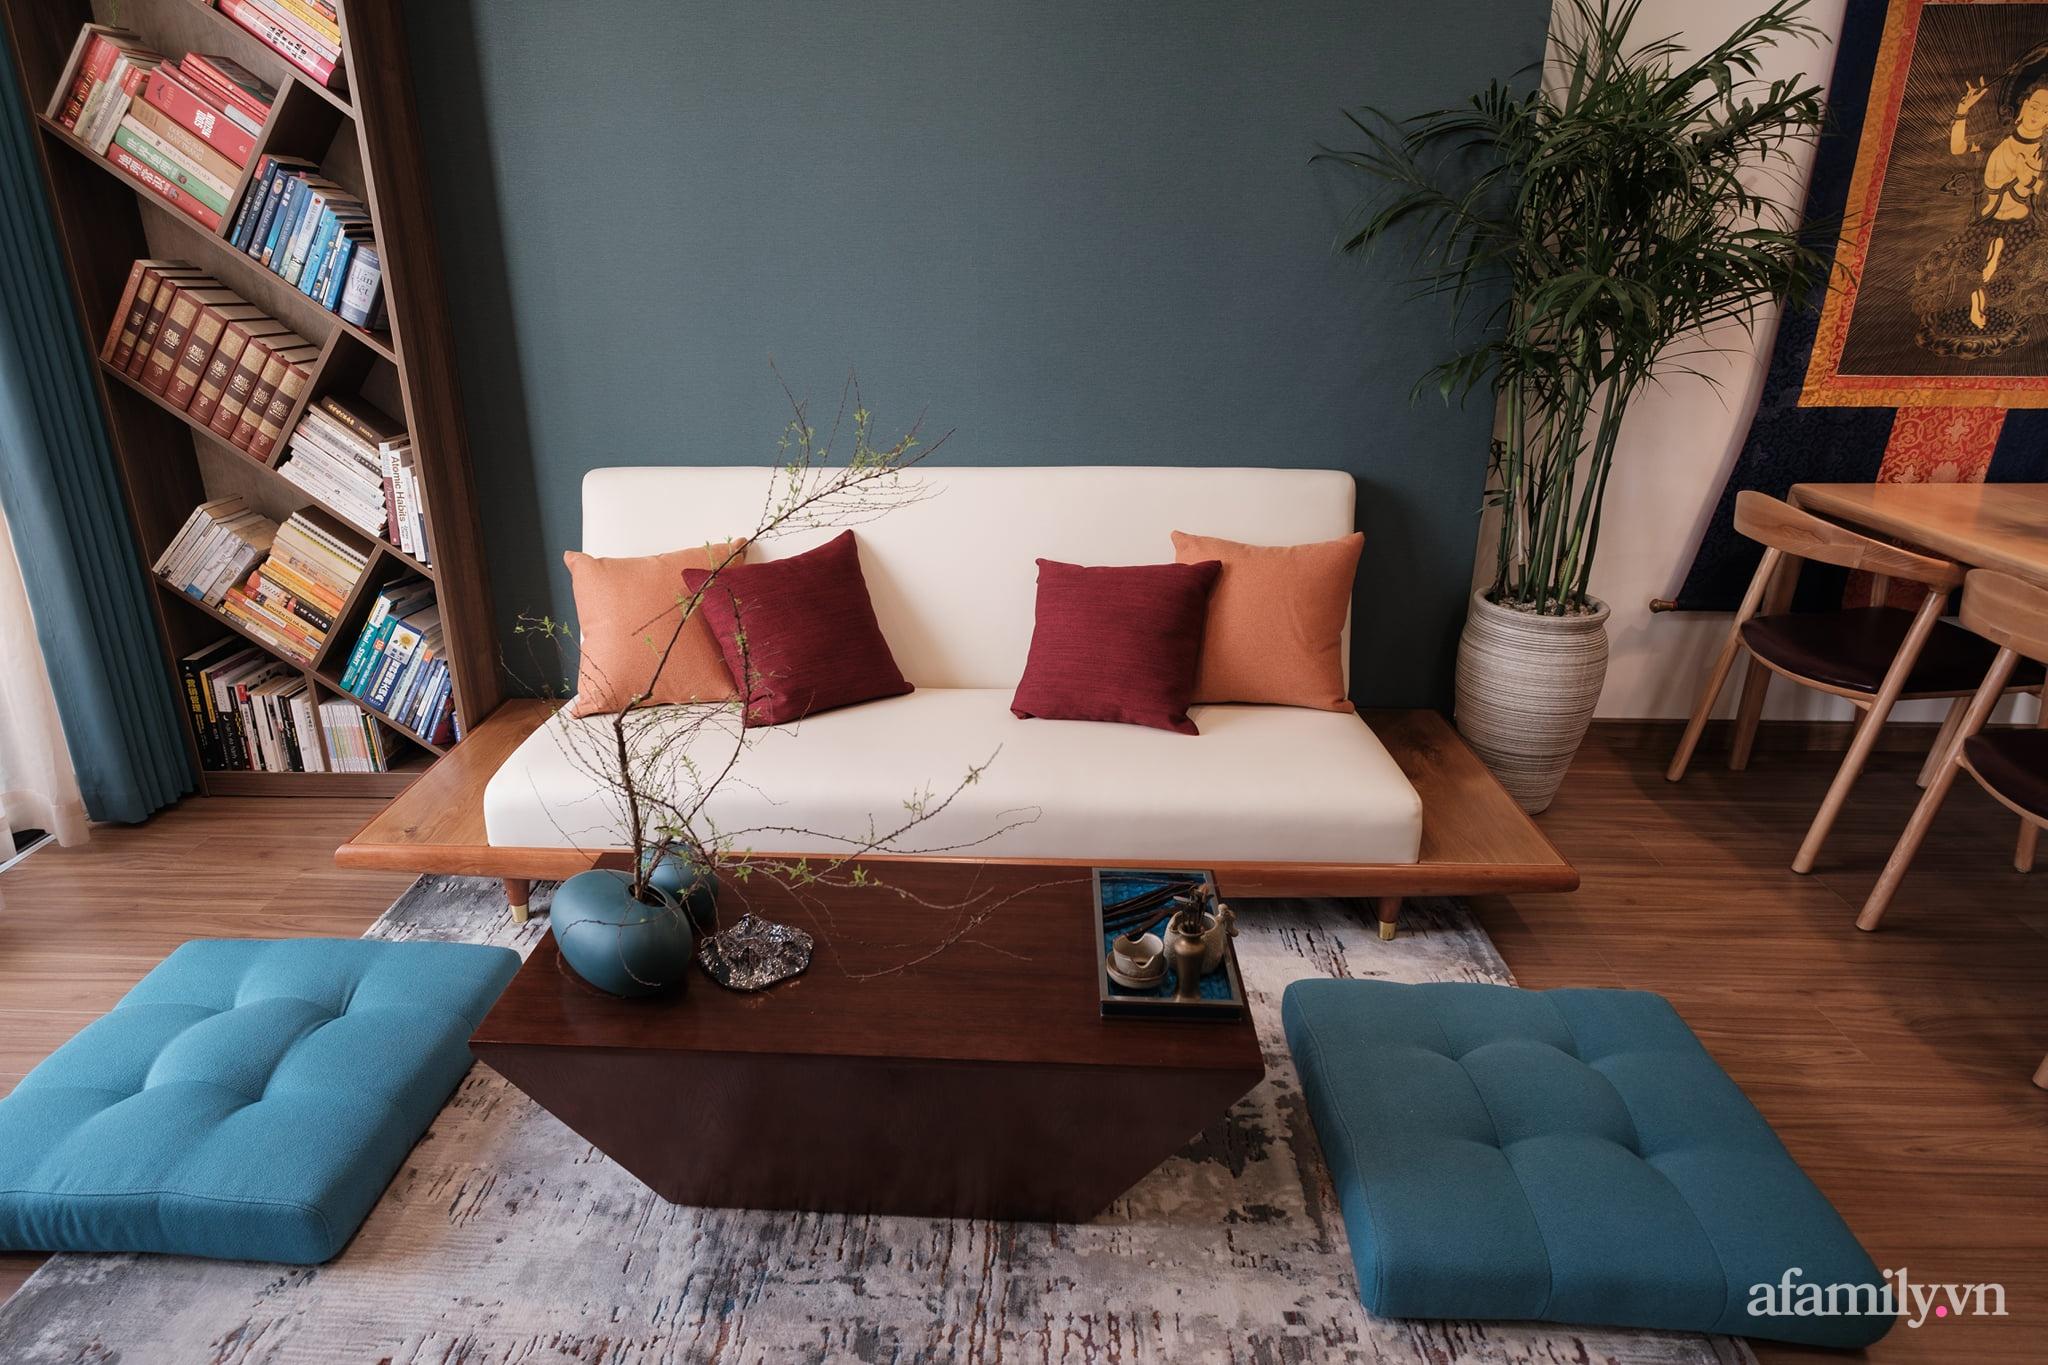 Căn hộ 60m² đẹp tĩnh lặng và tinh tế mang hơi thở của Zen ở quận 7 Sài Gòn - Ảnh 4.